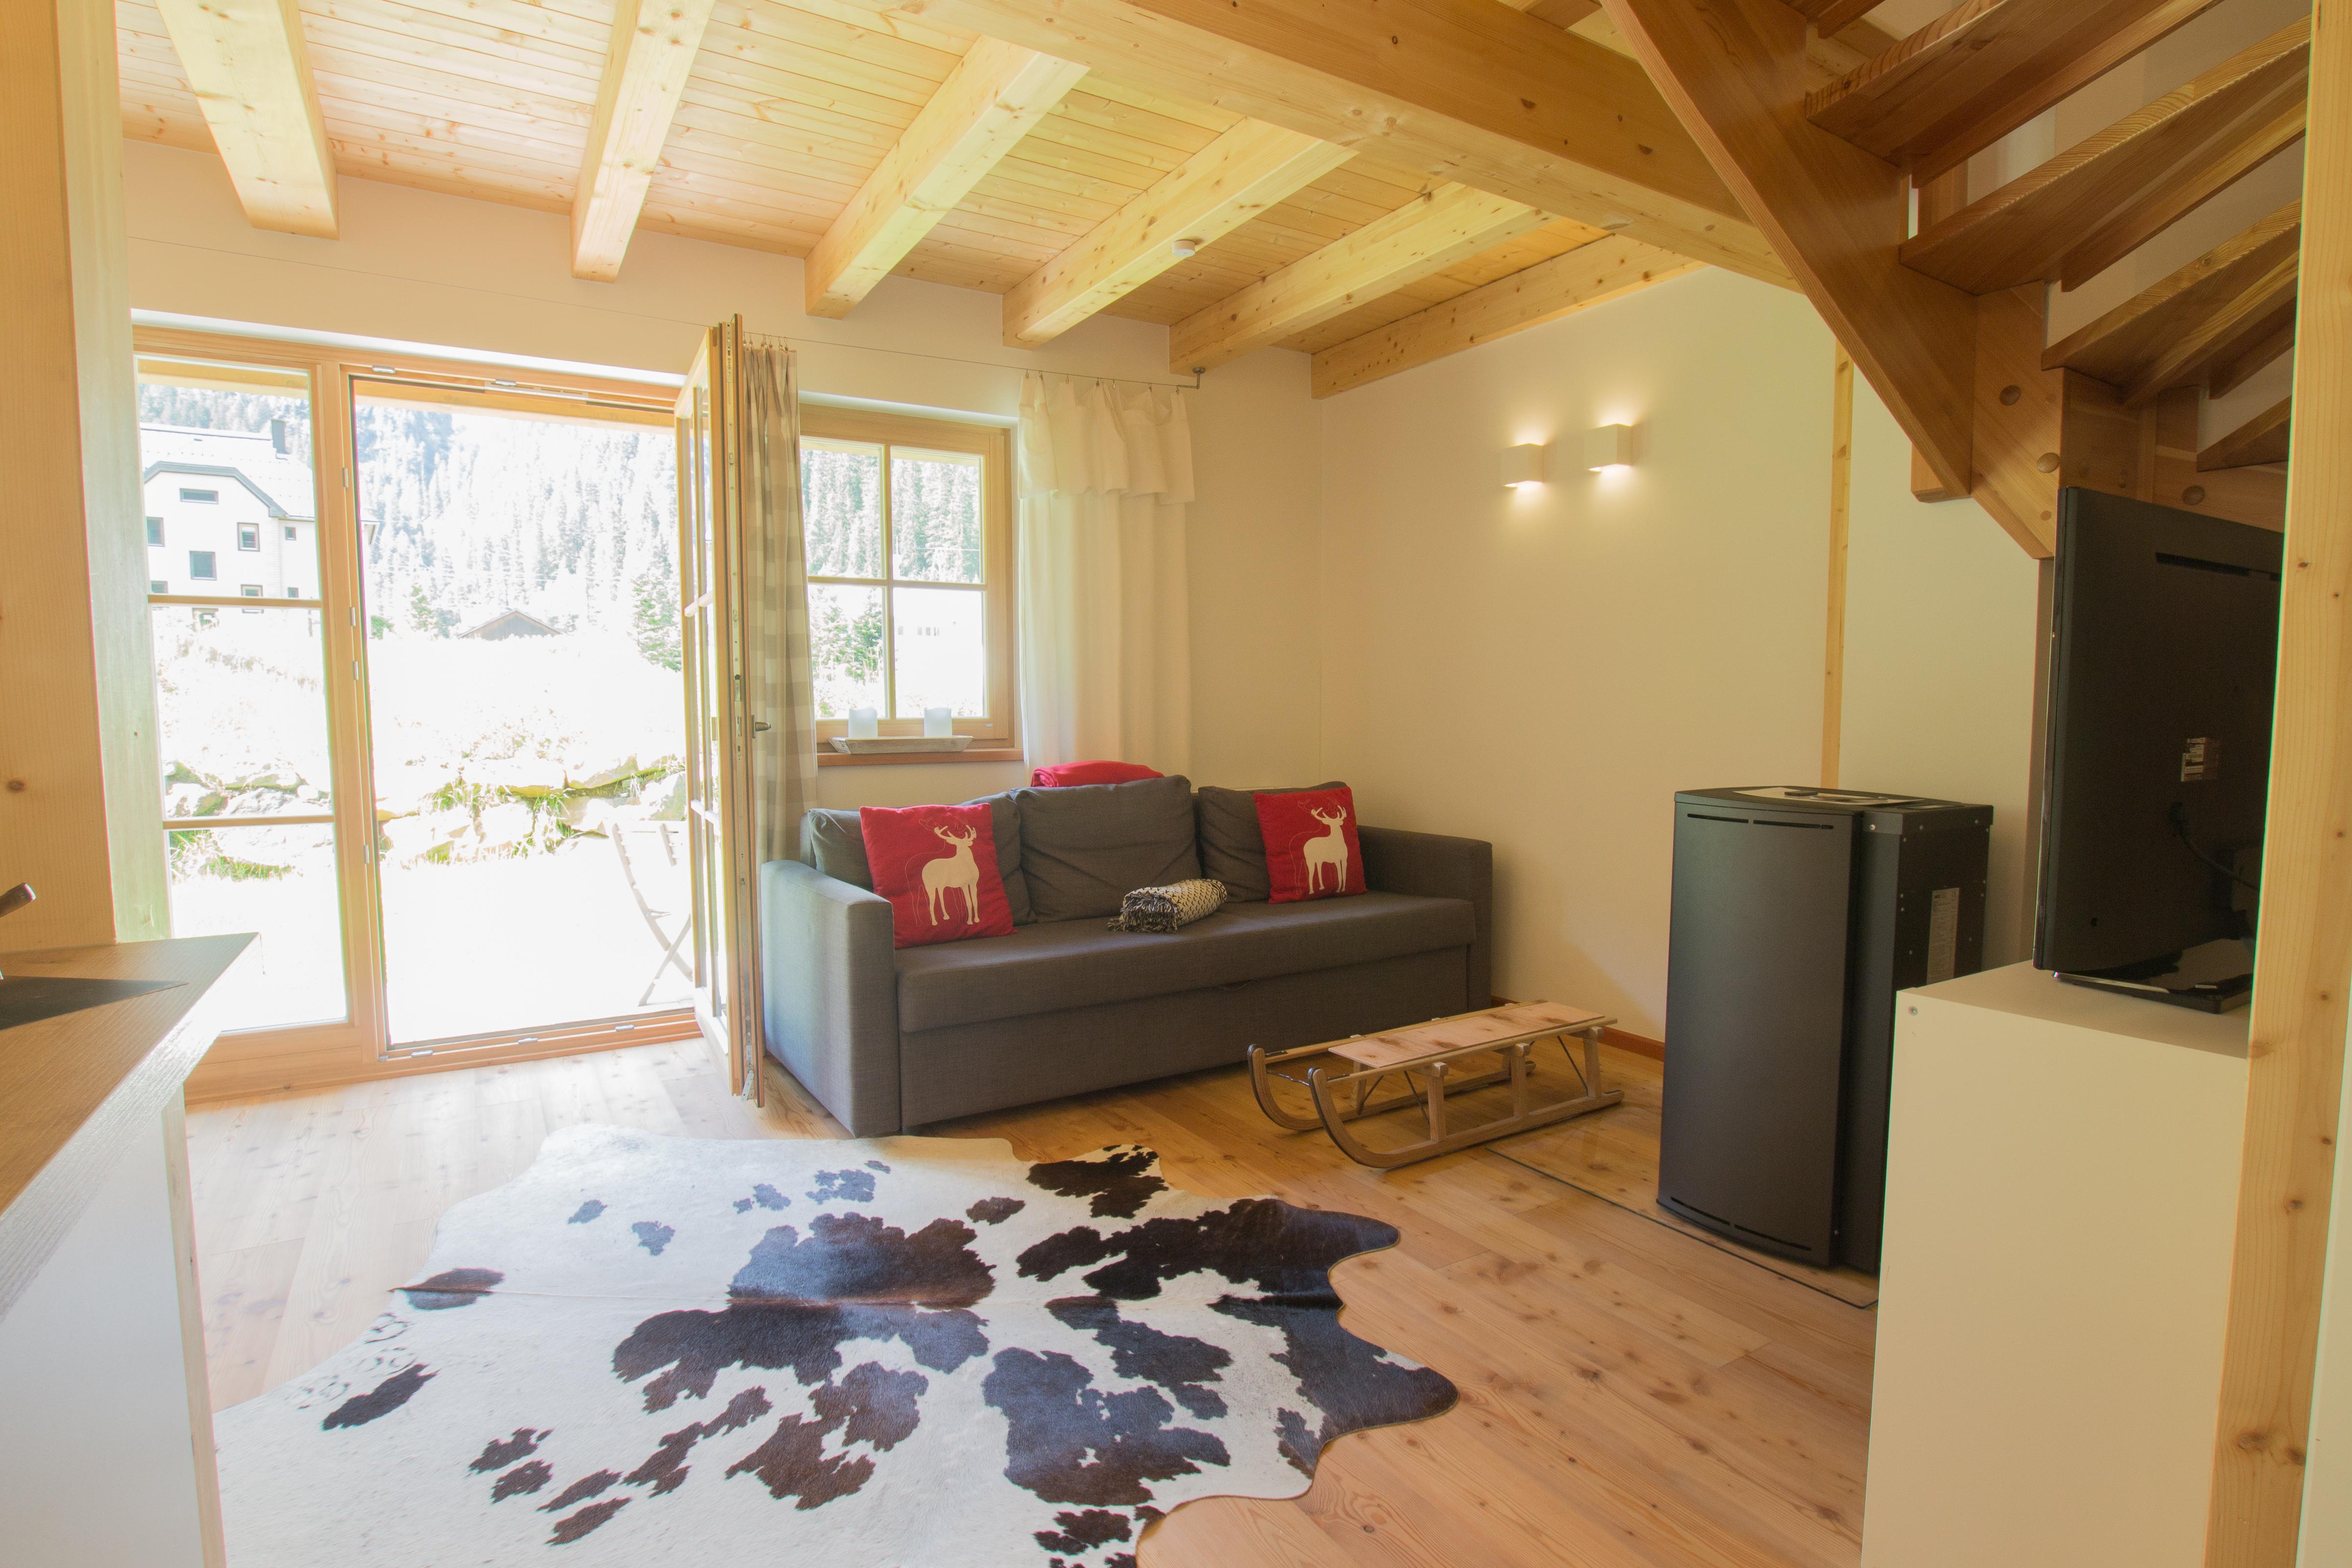 Maison de vacances Lodge Enzian direkt am Skilift (2050396), Uttendorf, Pinzgau, Salzbourg, Autriche, image 7